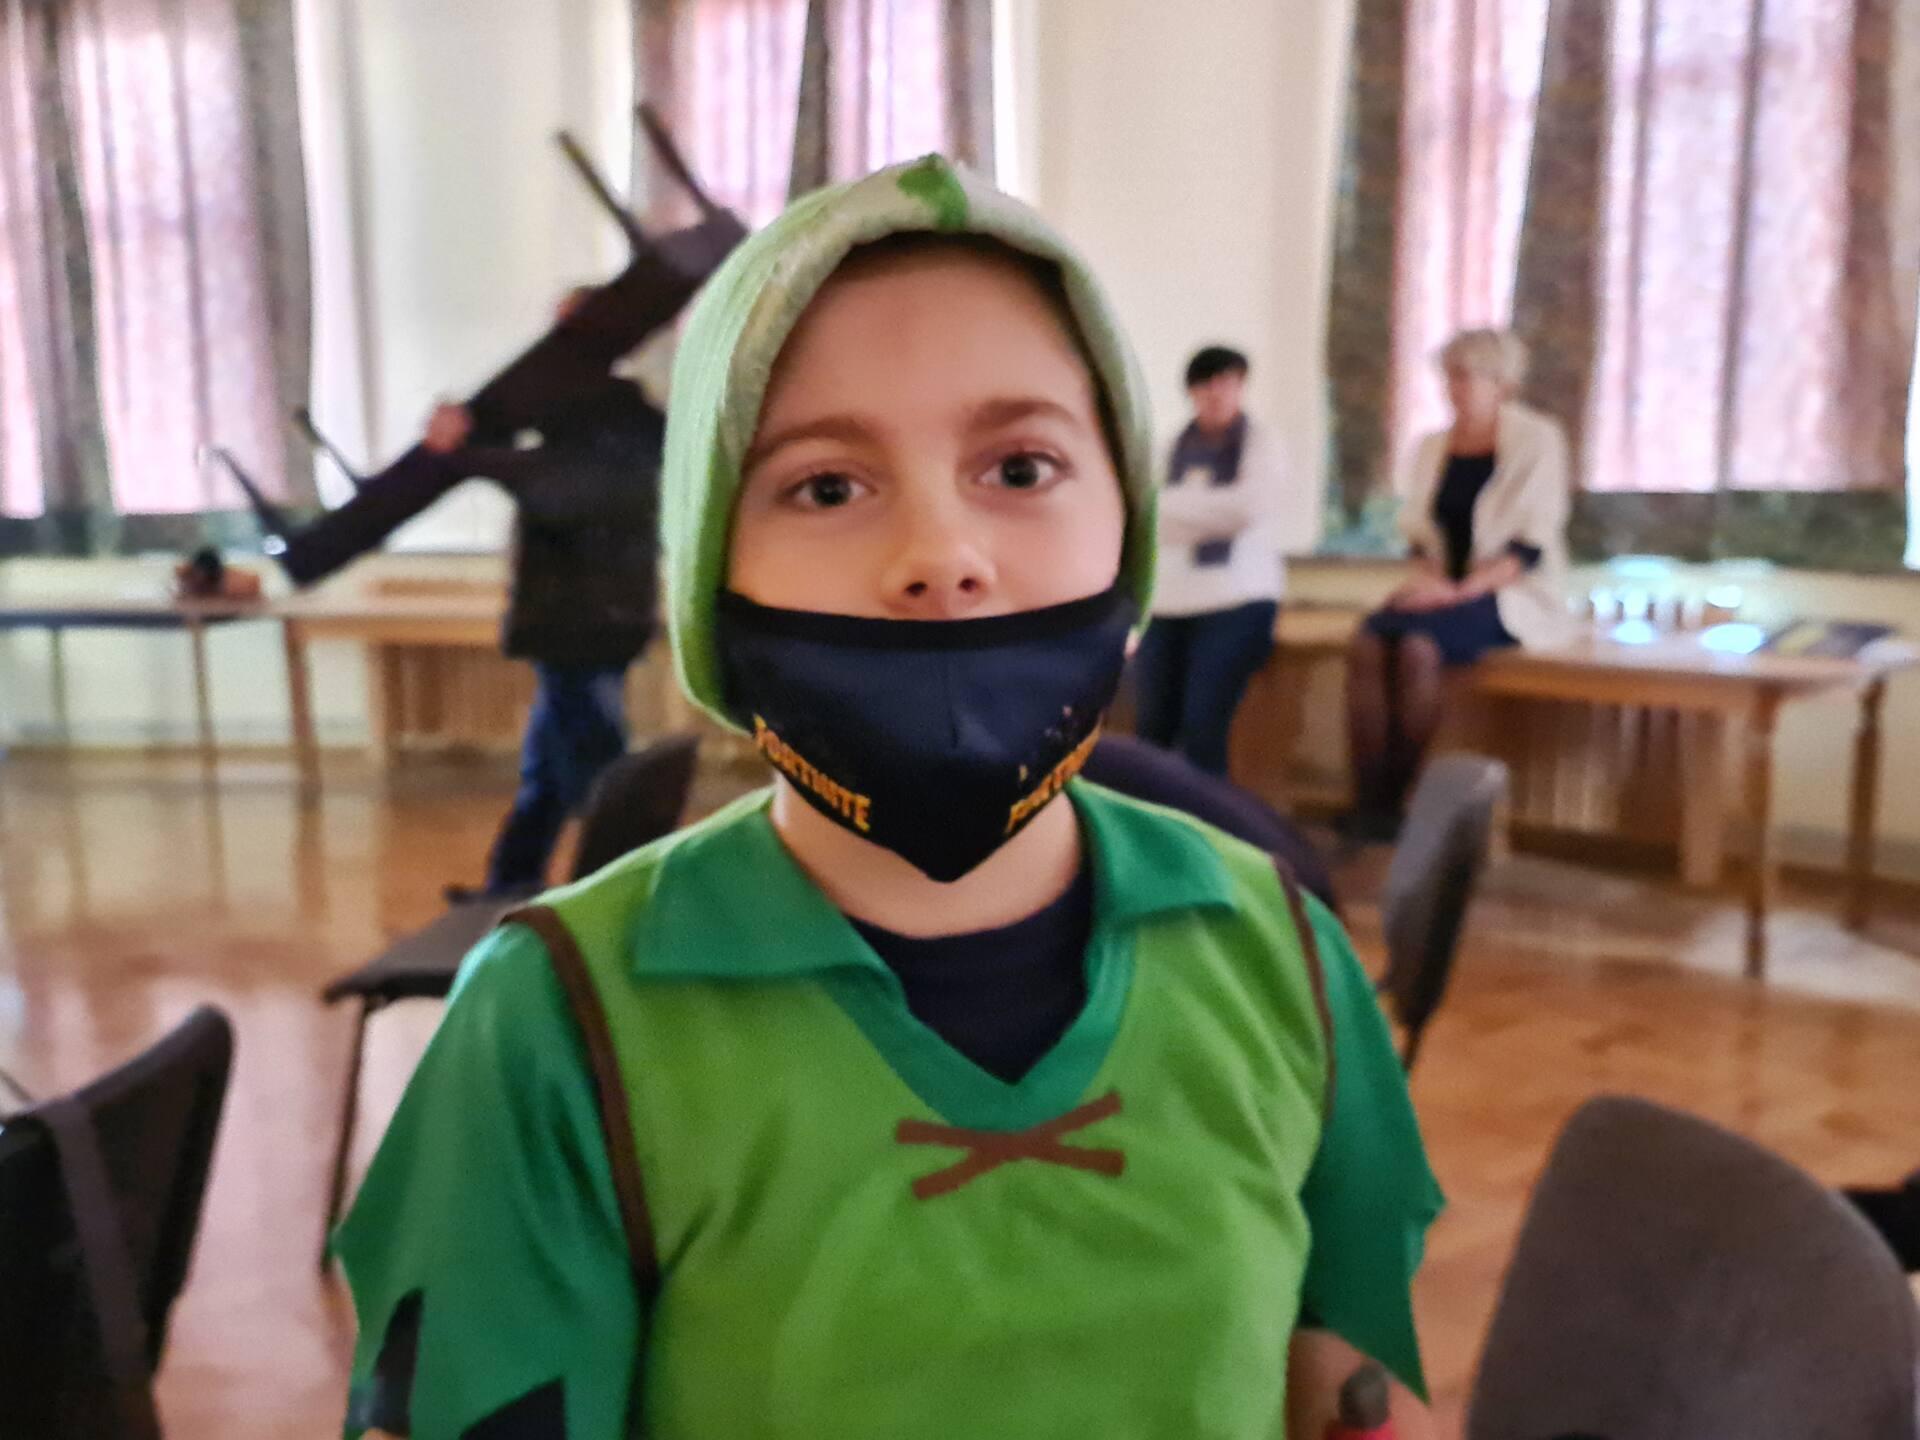 20201020 103050 Zamojskie Premiery Teatralne. Młodzi aktorzy pokazali swoje umiejętności [FOTORELACJA]